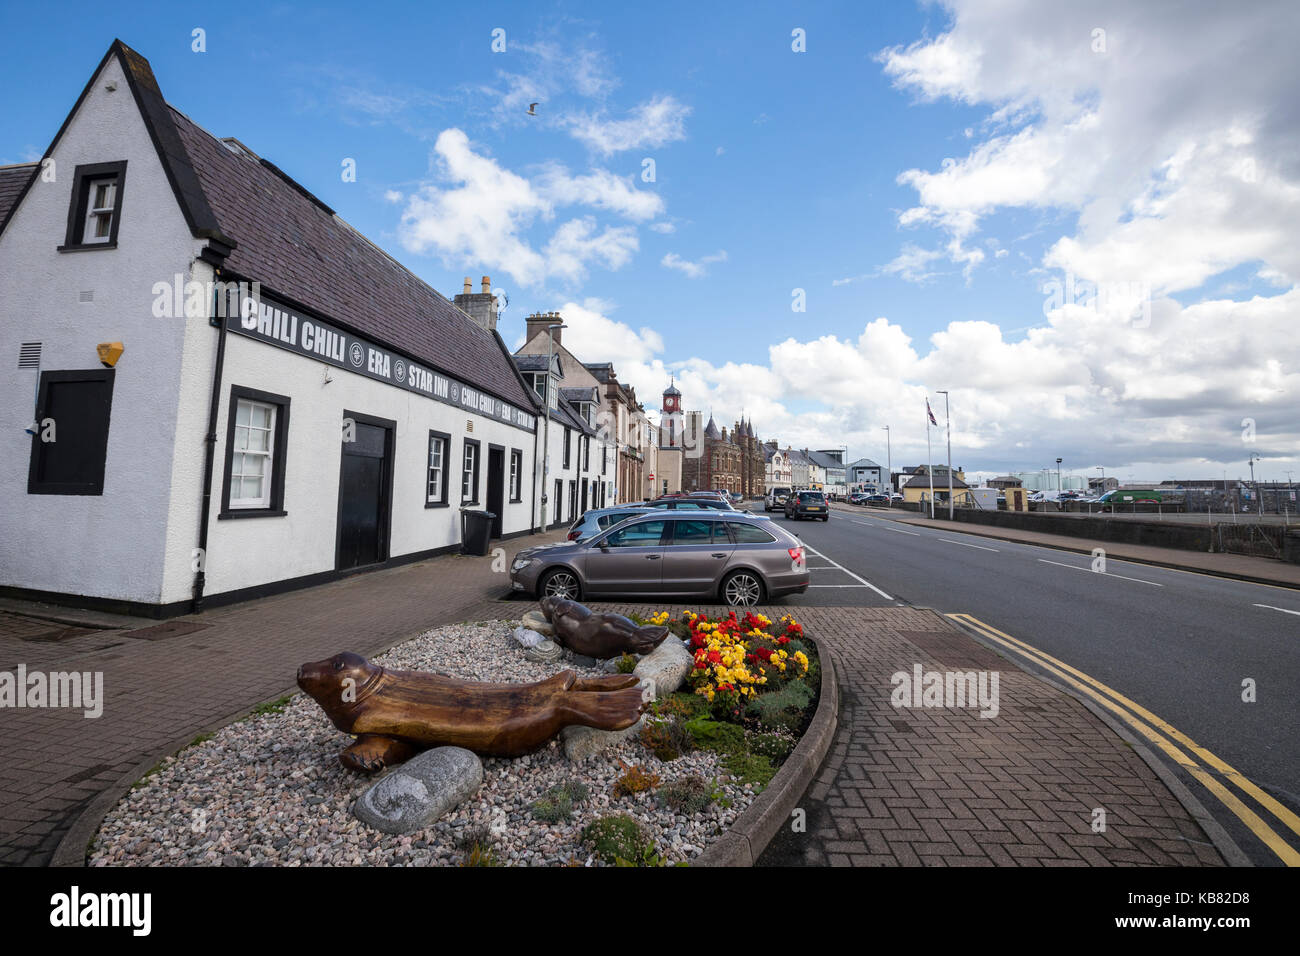 Stornoway, Outer Hebrides, Scotland, UK - Stock Image